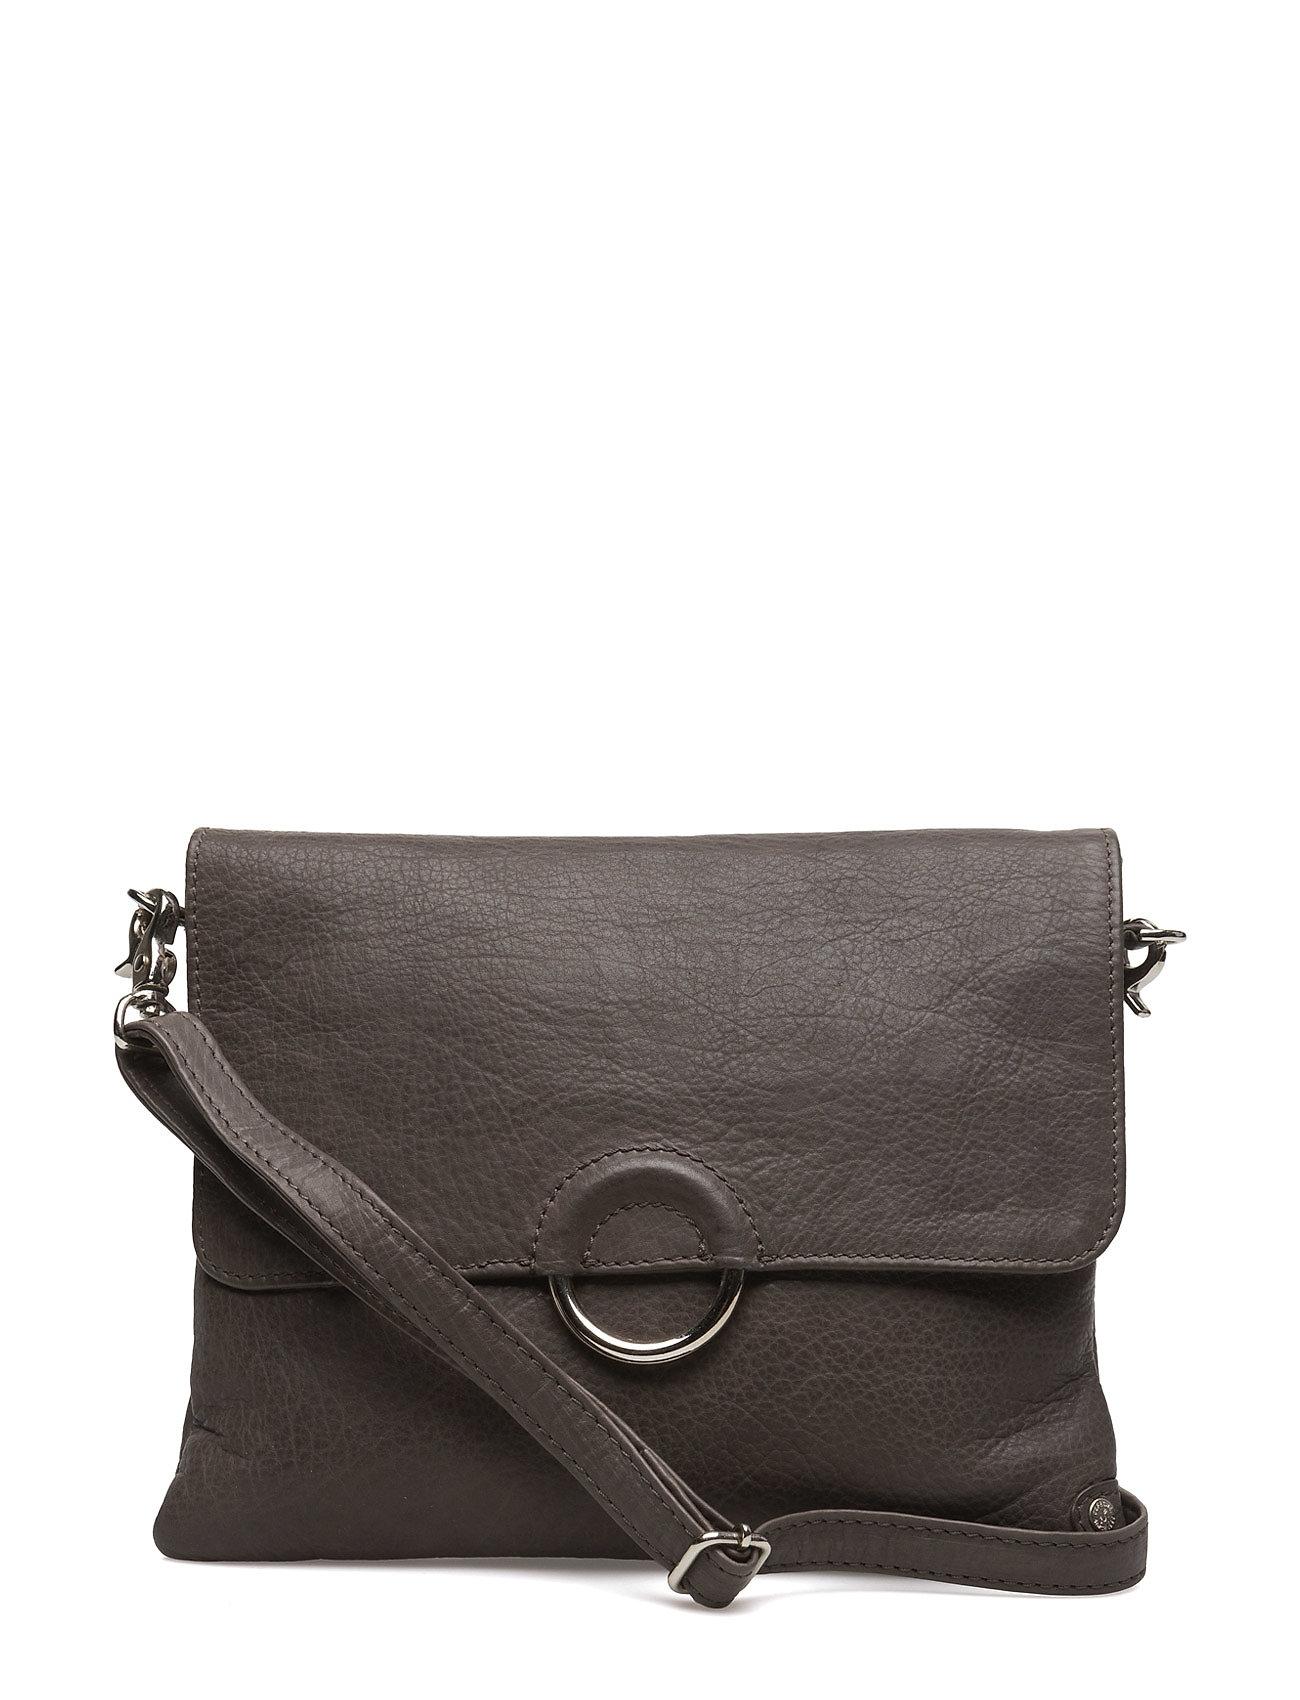 Small Bag / Clutch DEPECHE Små tasker til Damer i Grå